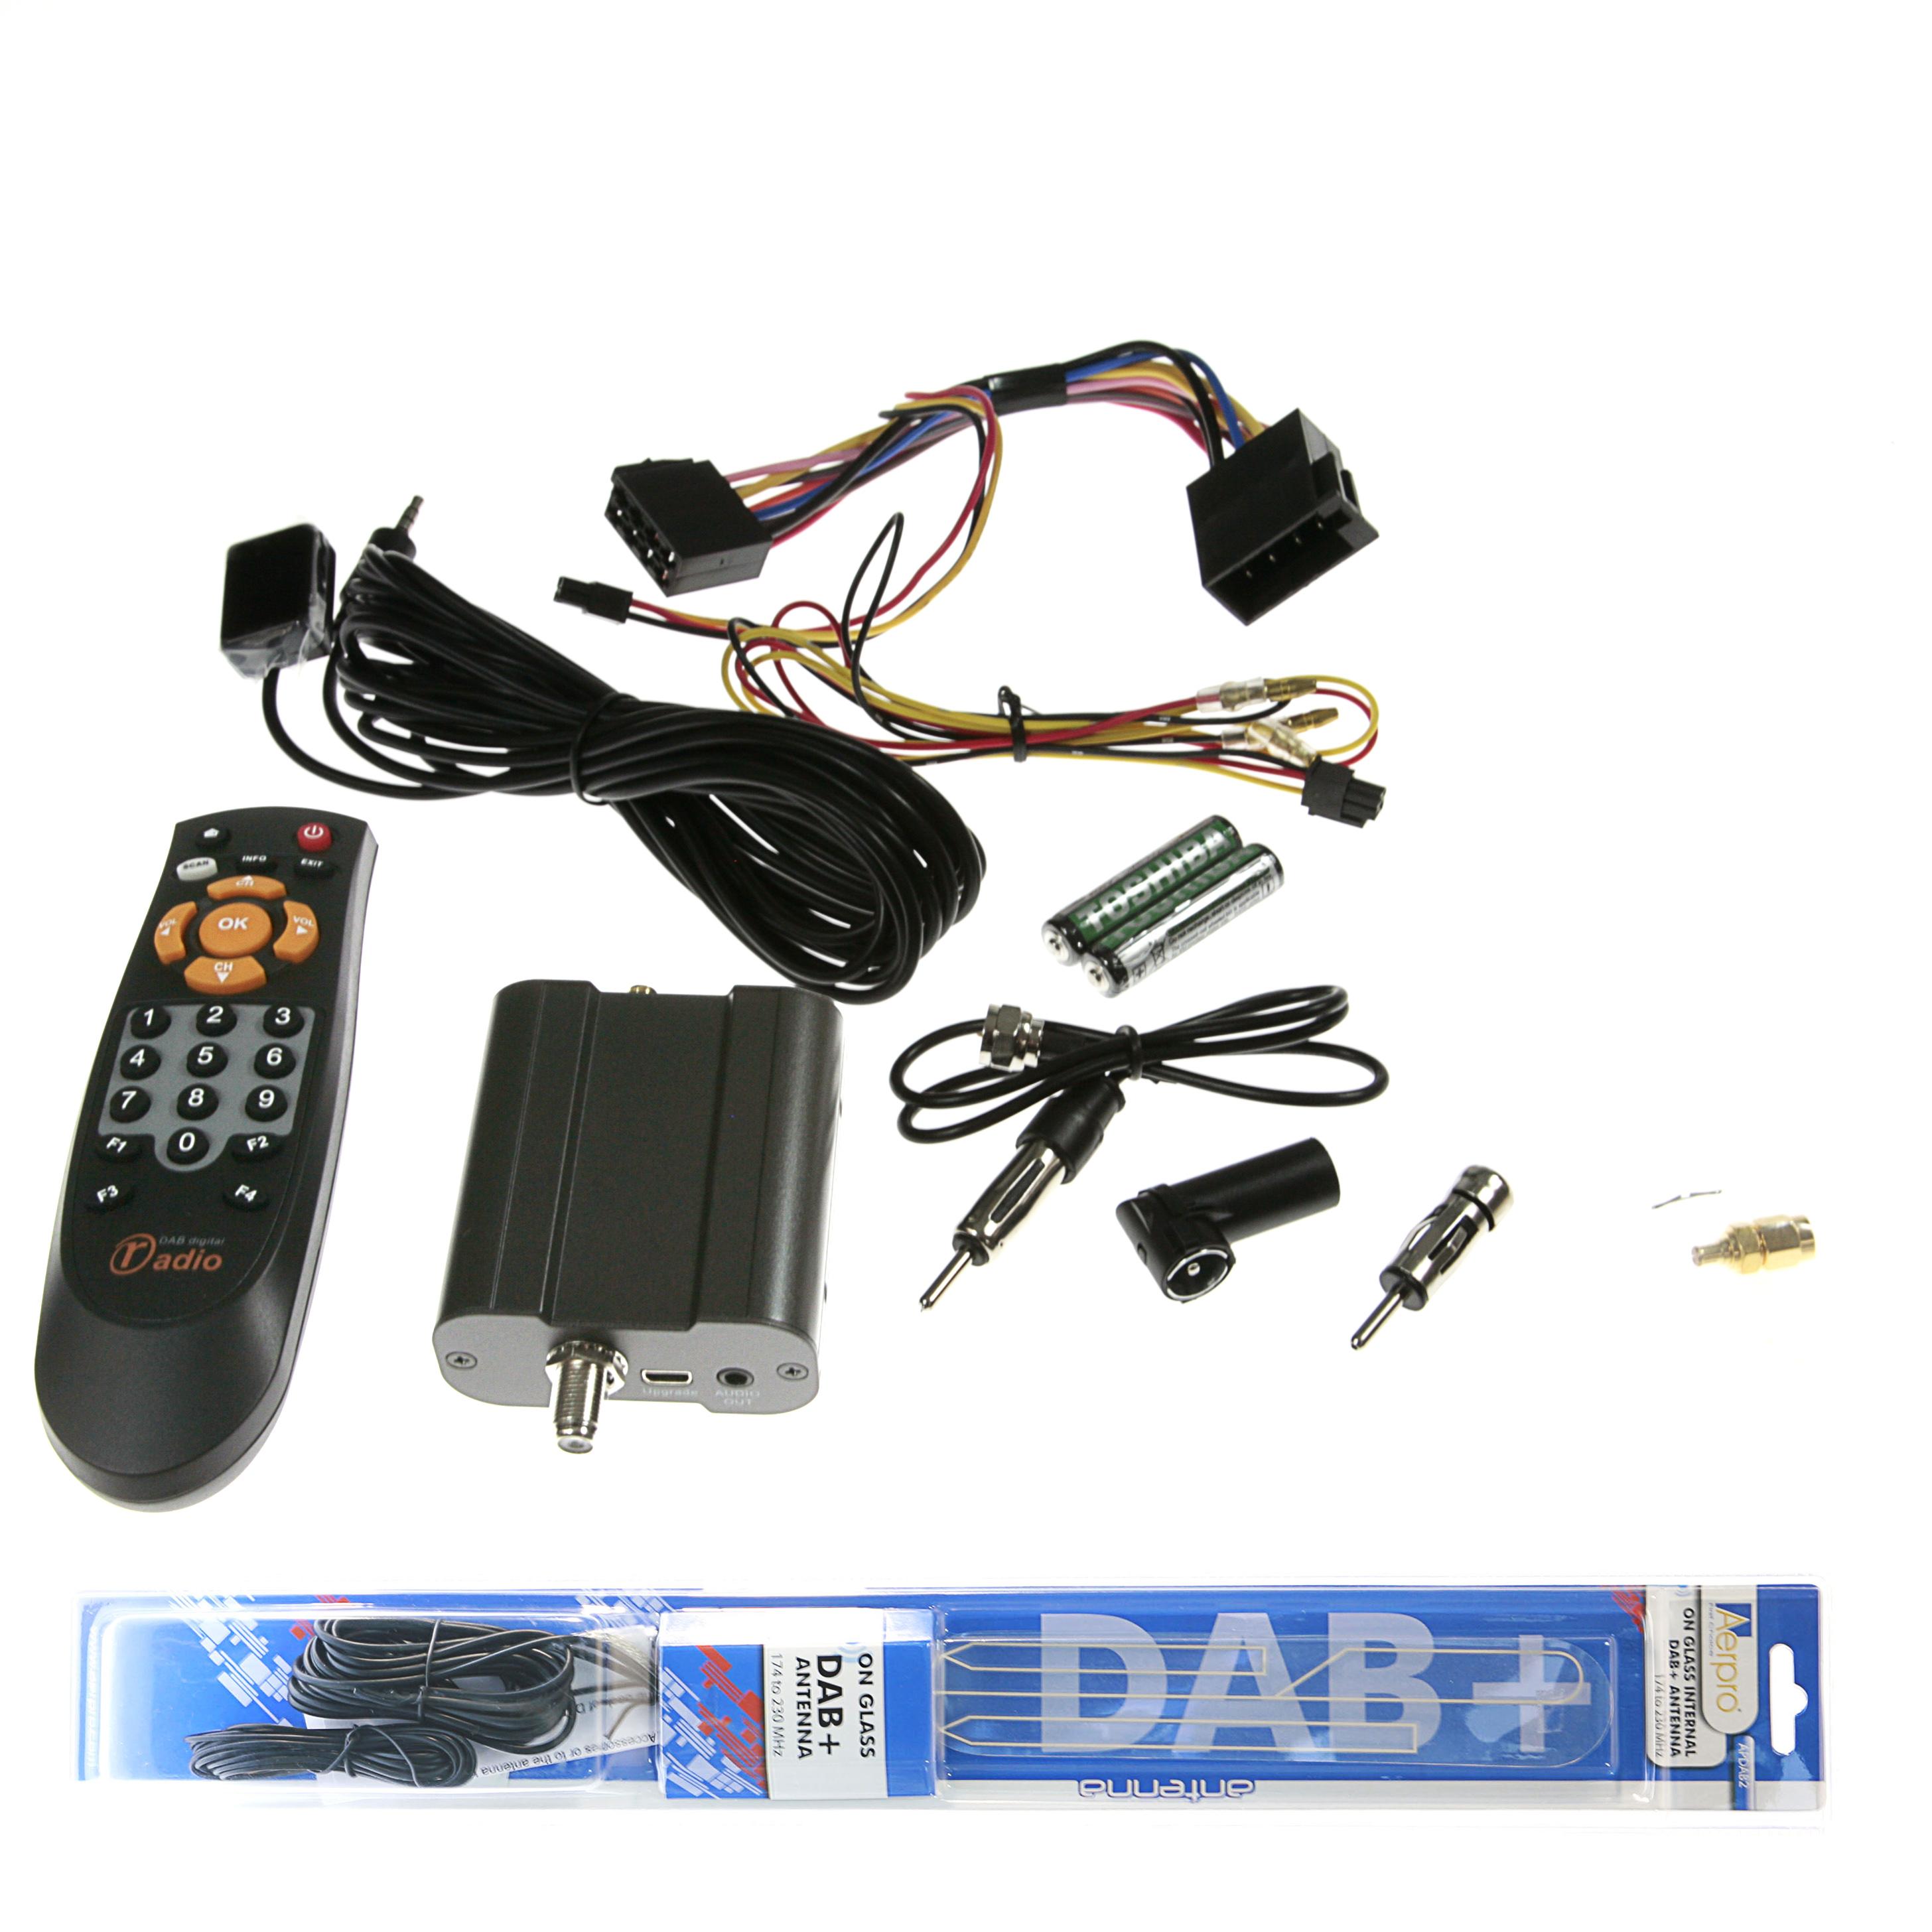 Dab Antennas Accessories Aerpro Toyota Power Antenna Wiring Diagram Digi2 Digital Tuner